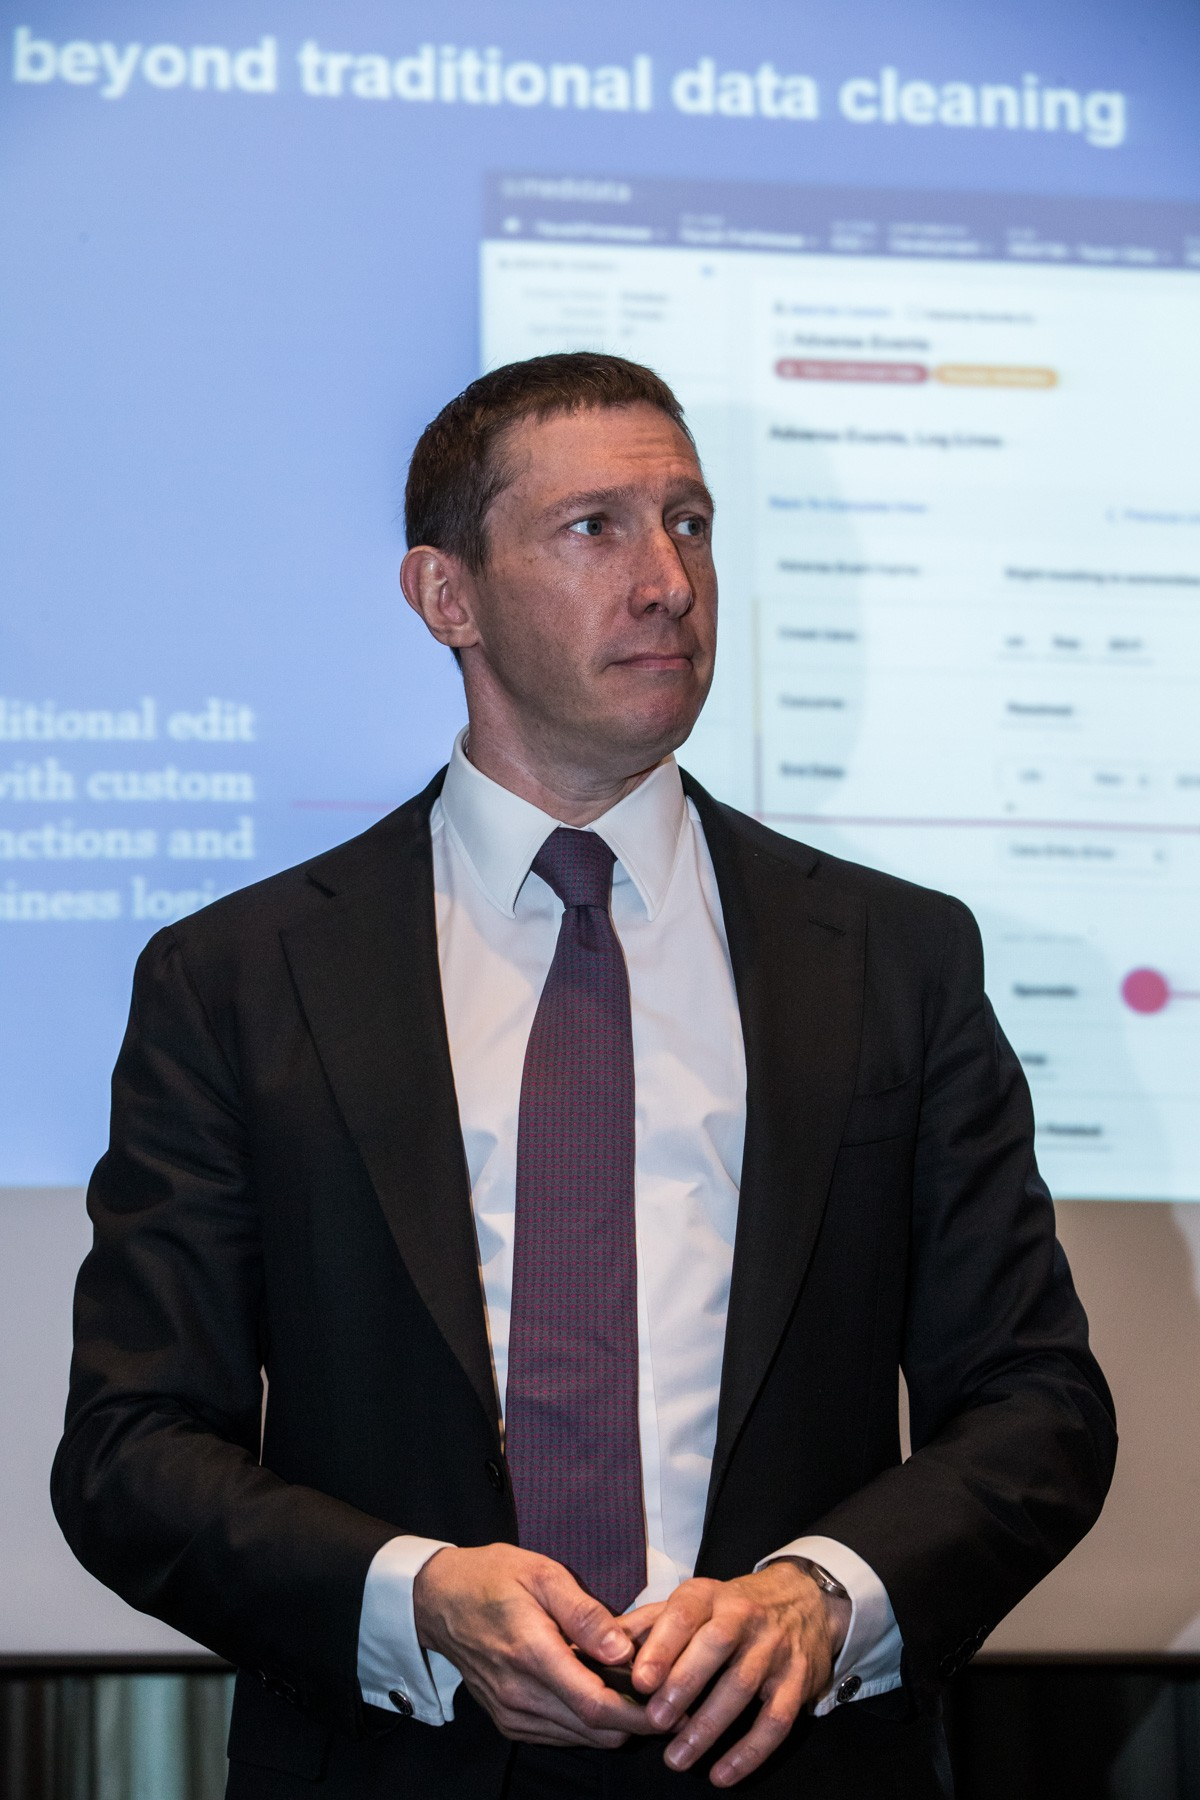 메디데이터 창업자 겸 대표 글렌 드 브리스(Glen de Vries)